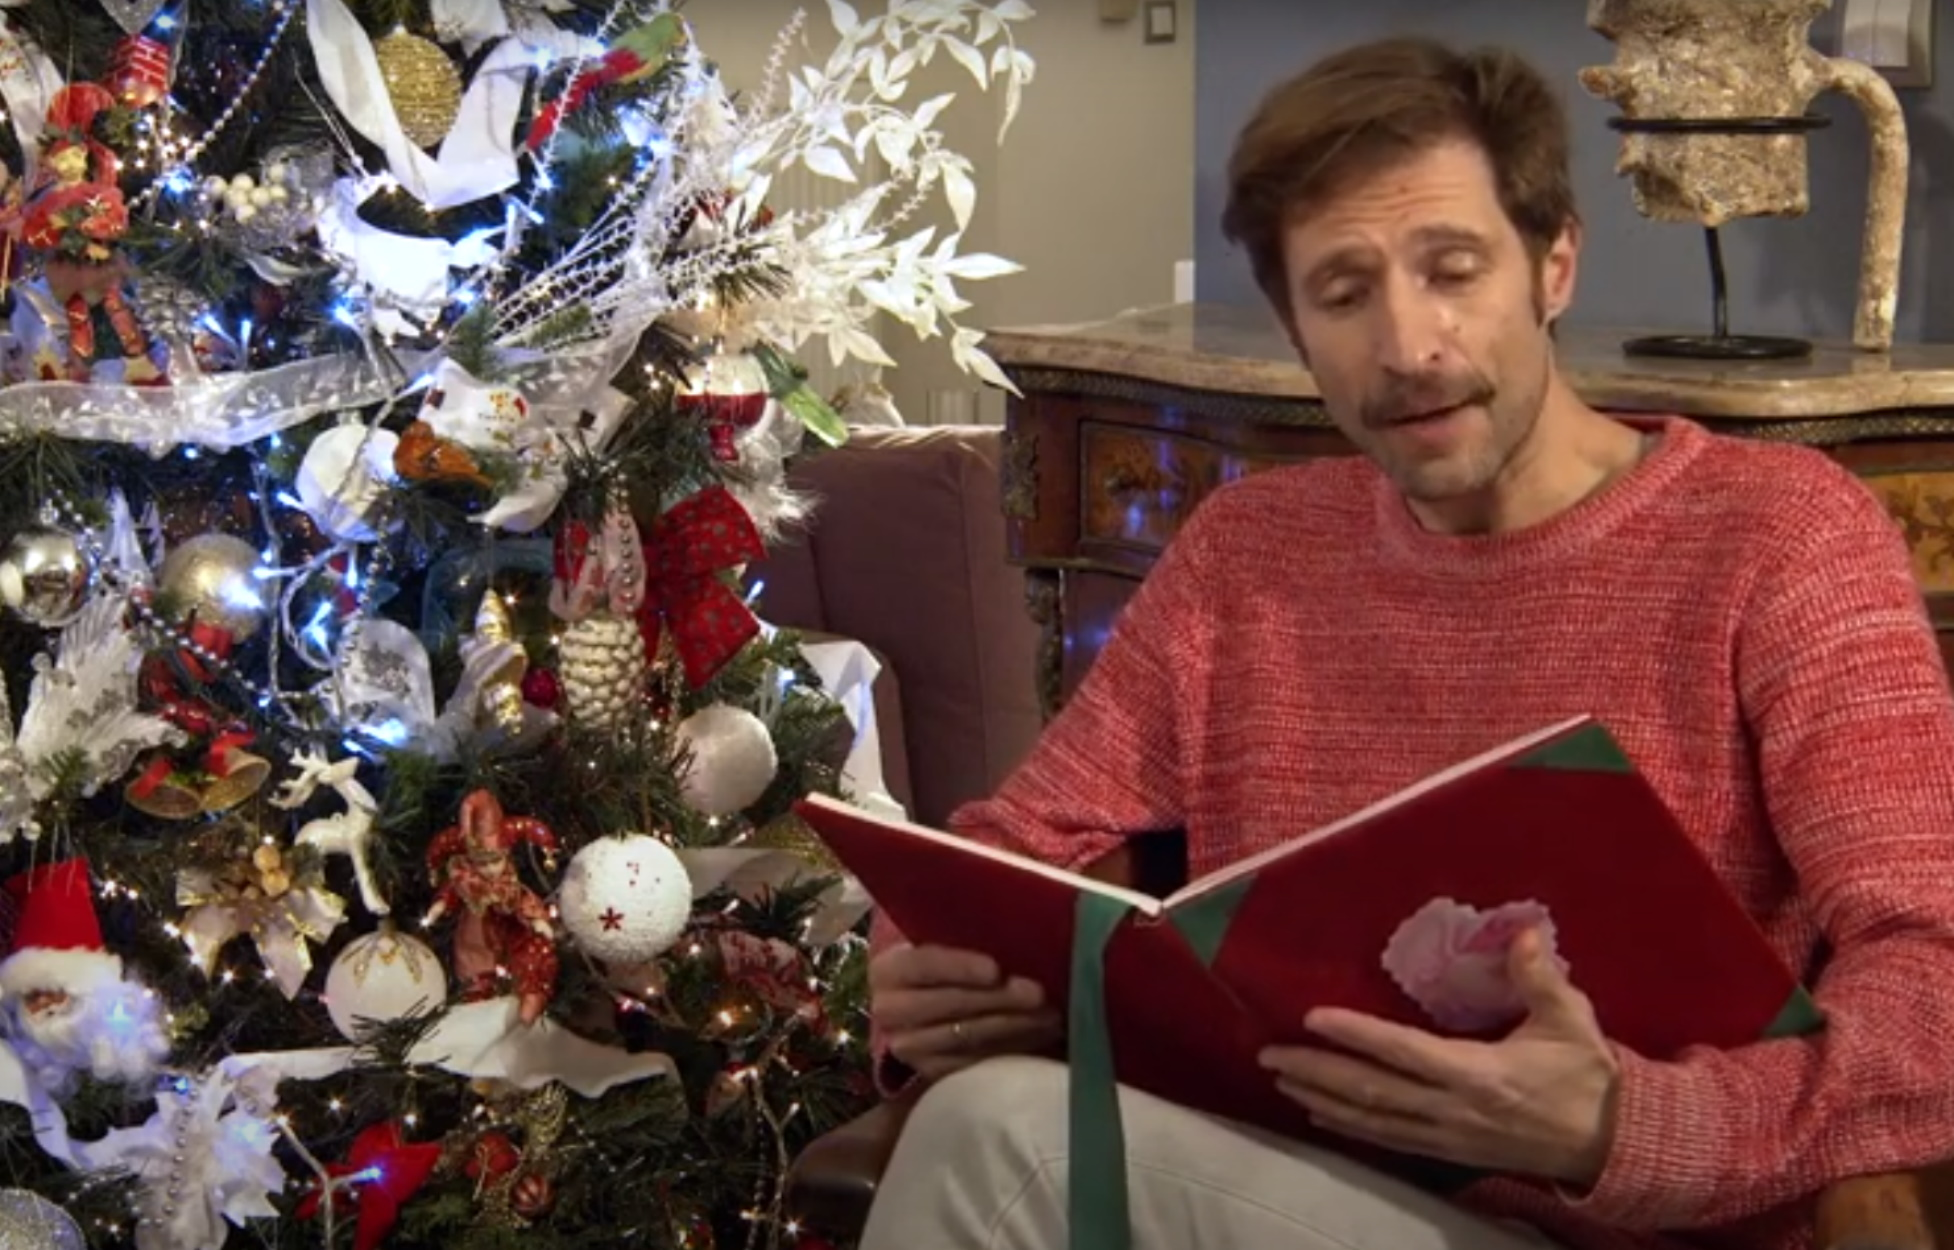 Το Αστέρι που έγινε Άγγελος: Διαδικτυακή Χριστουγεννιάτικη Παράσταση από το Δήμο Αγίας Βαρβάρας